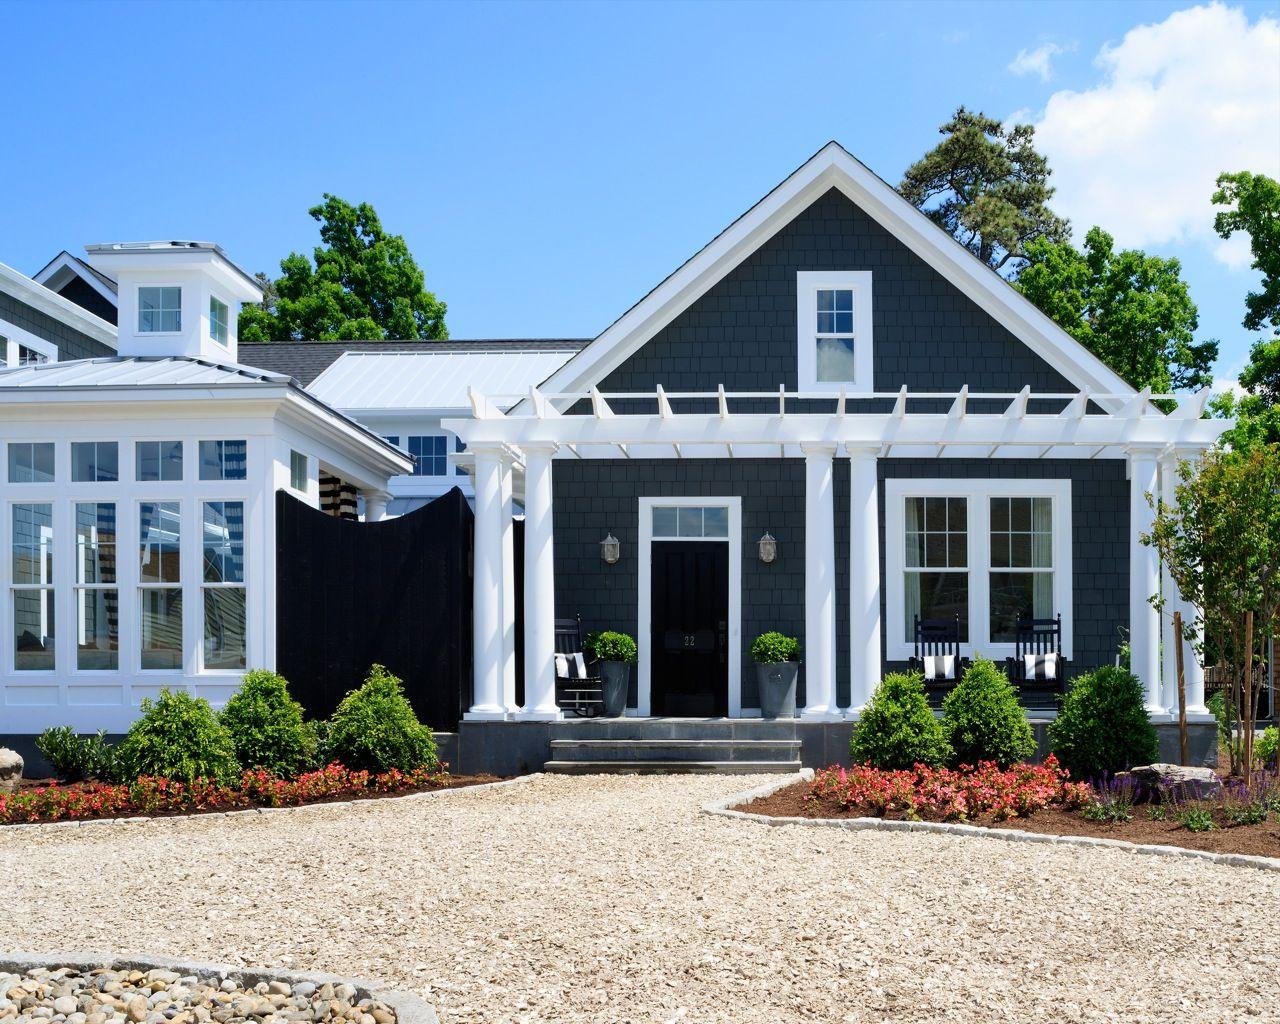 Blue Exterior House Paint Colors